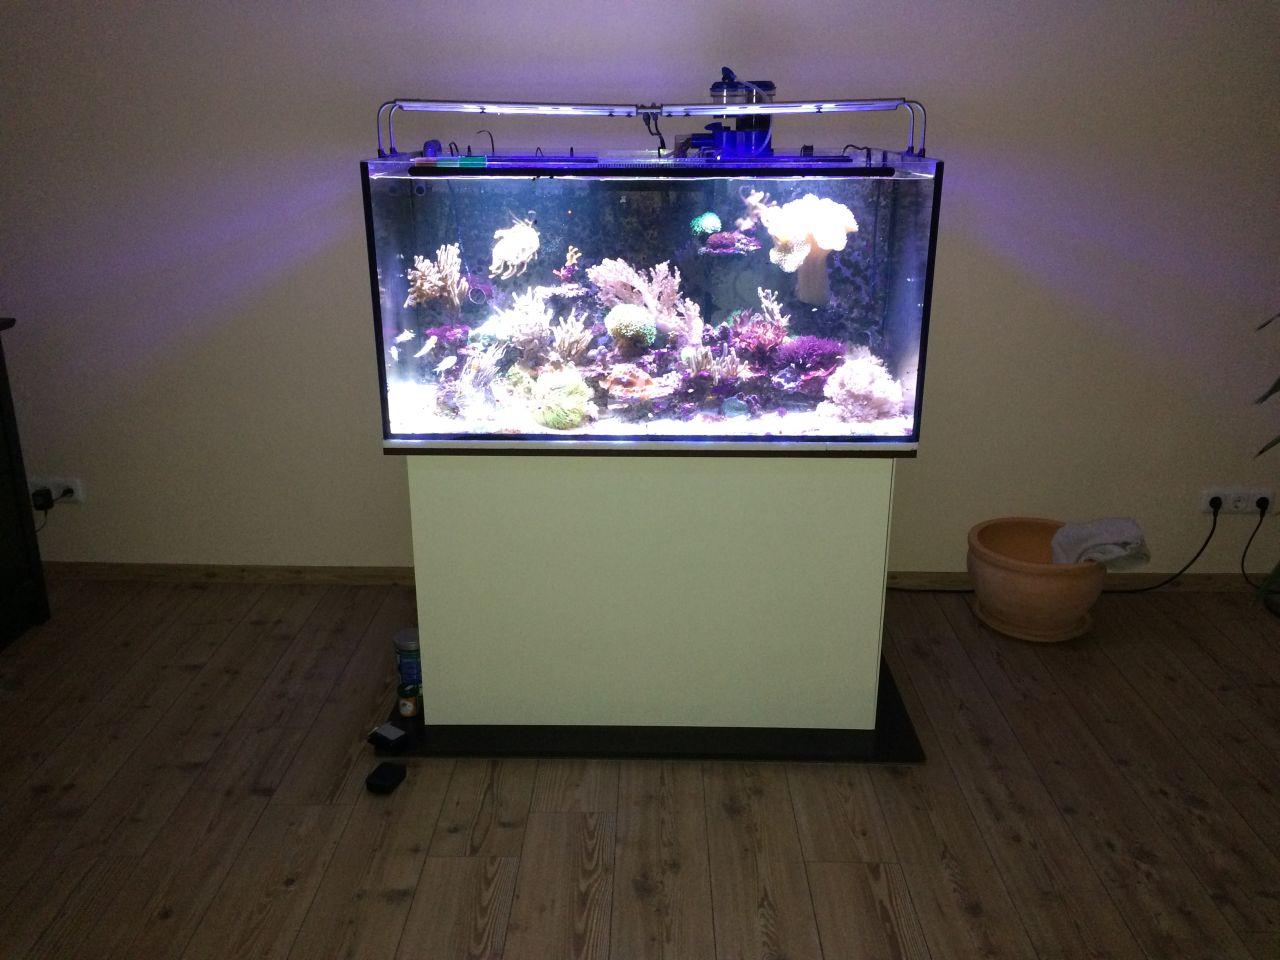 Aquarium Katzensicher Machen Meerwasser Allgemein Www Meerwasserforum Info